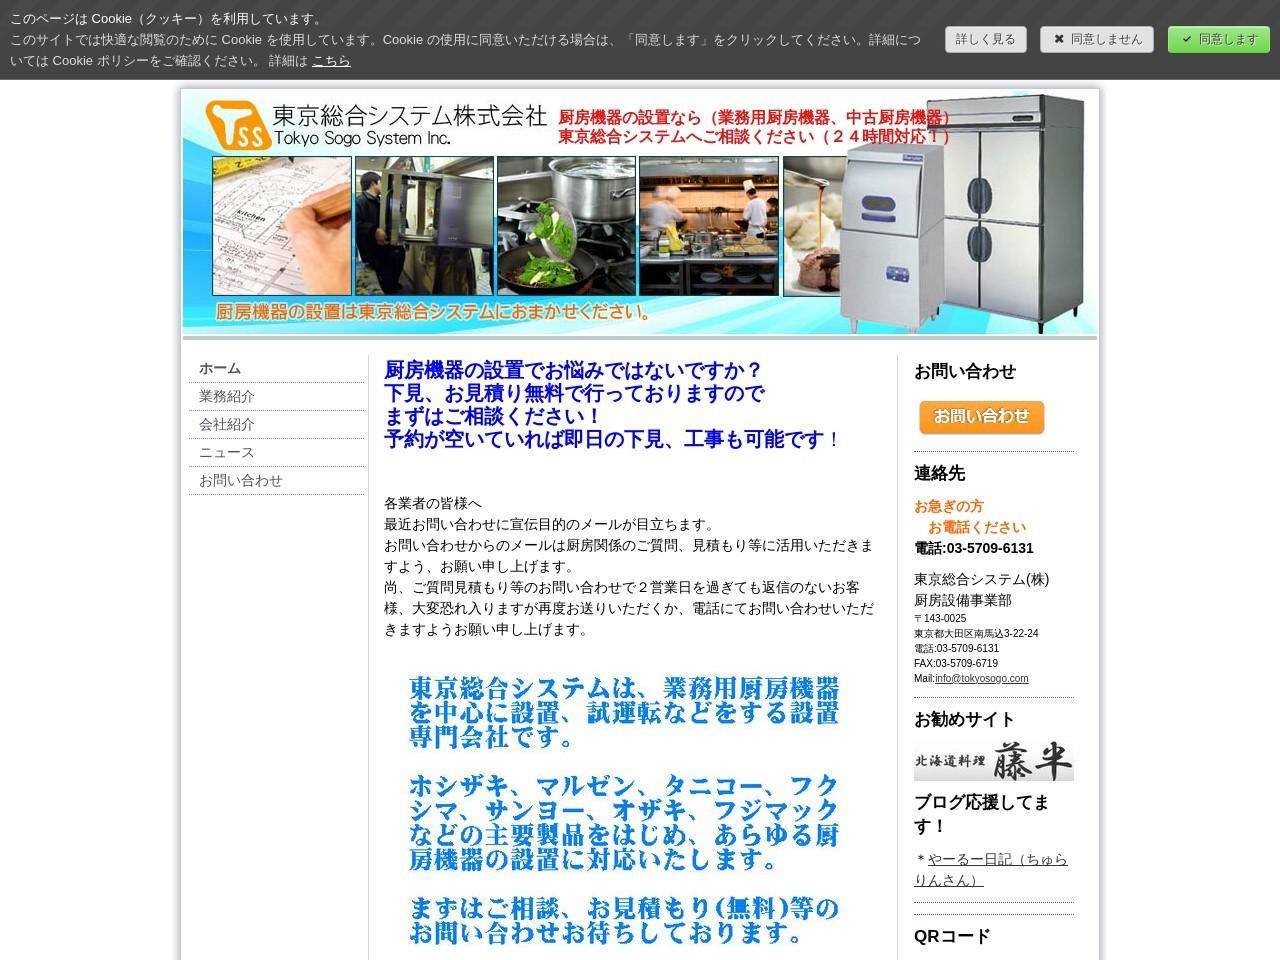 東京総合システム株式会社